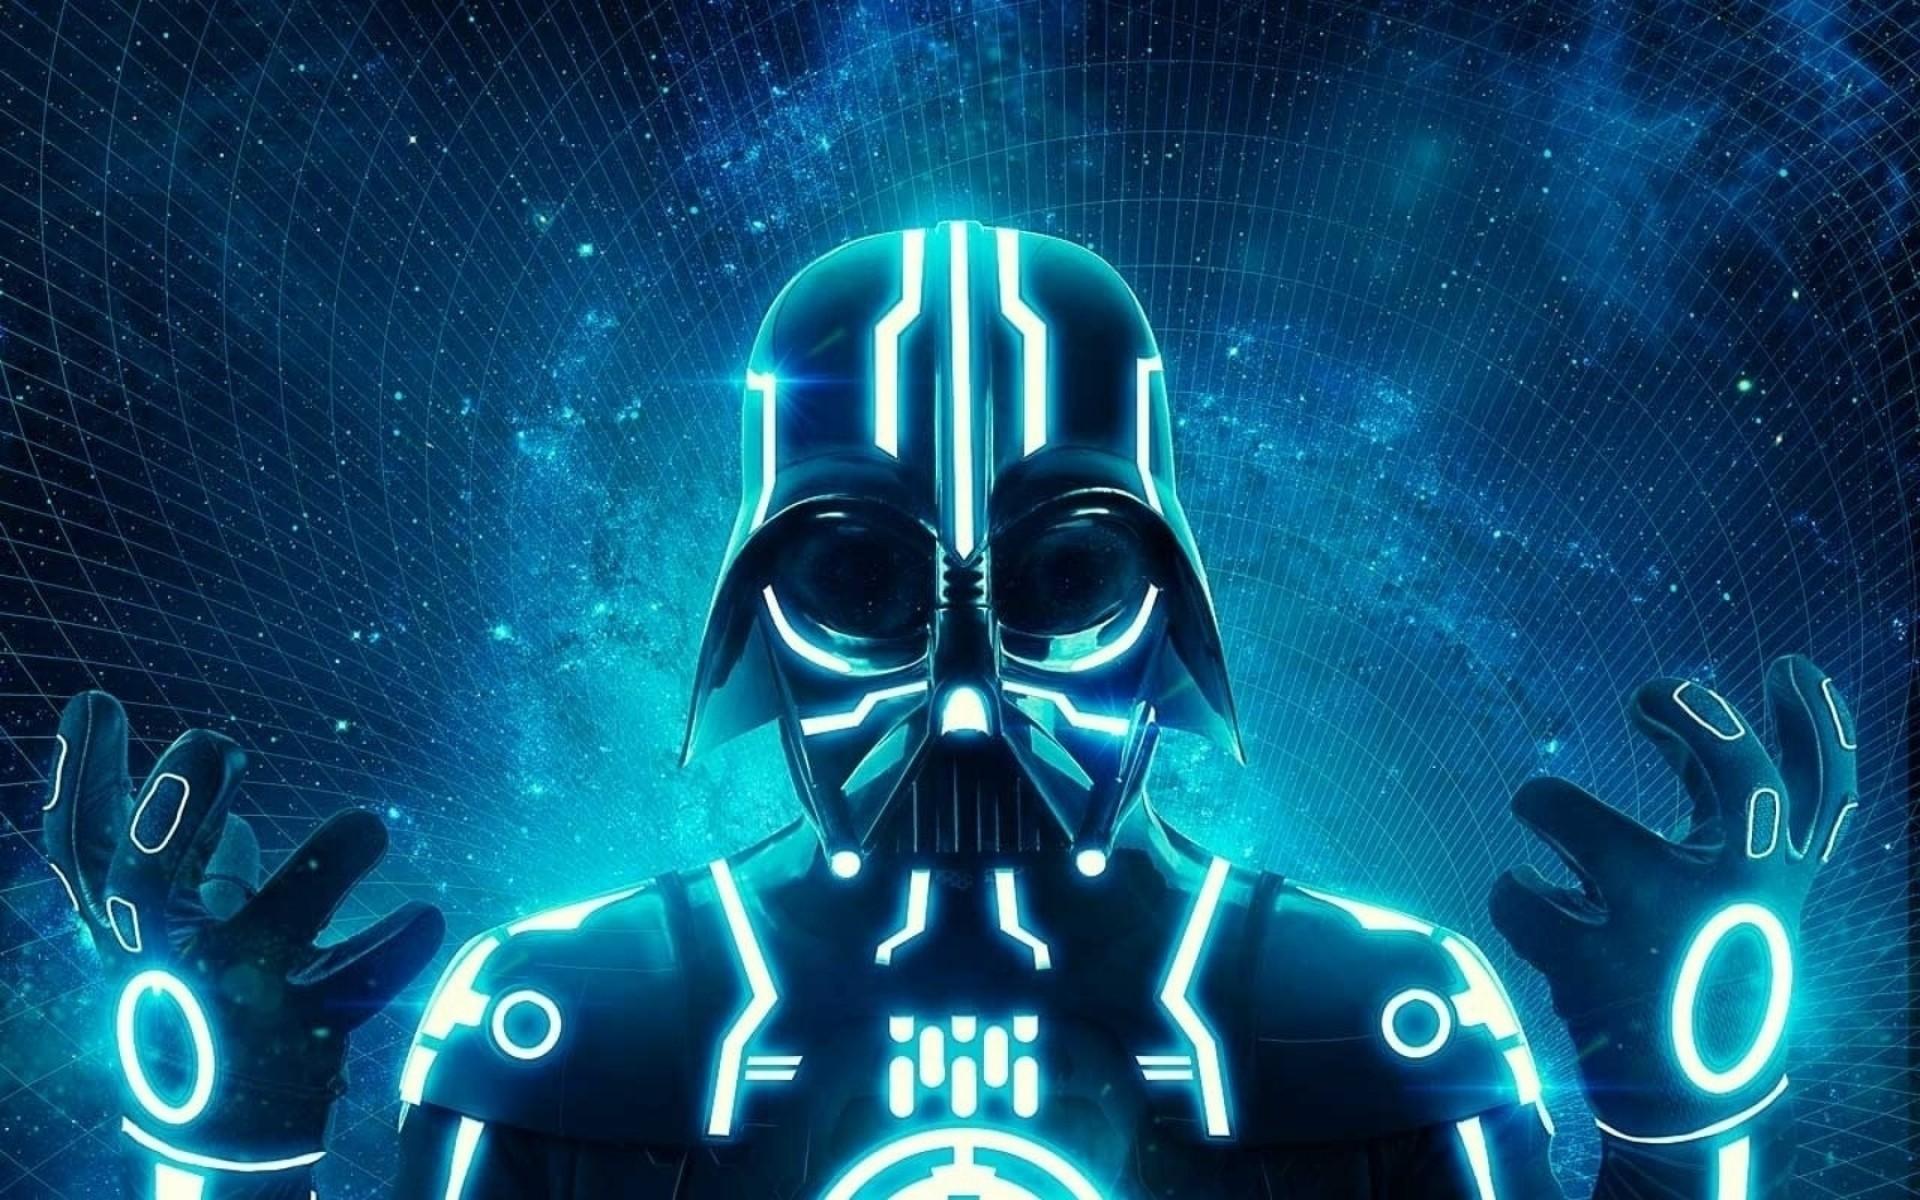 wallpaper Darth Vader